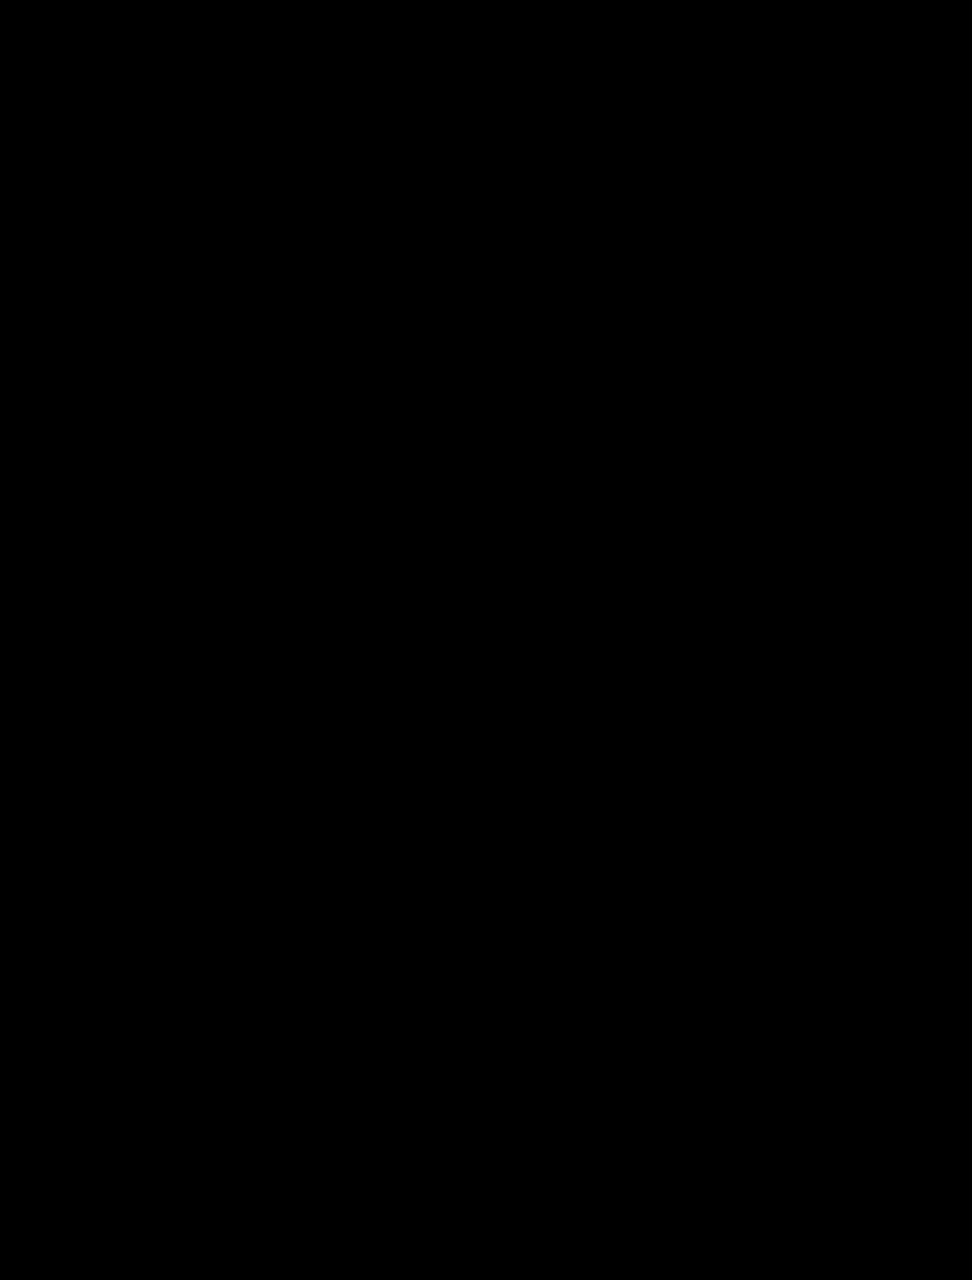 żebra i klatka piersiowa z przodu